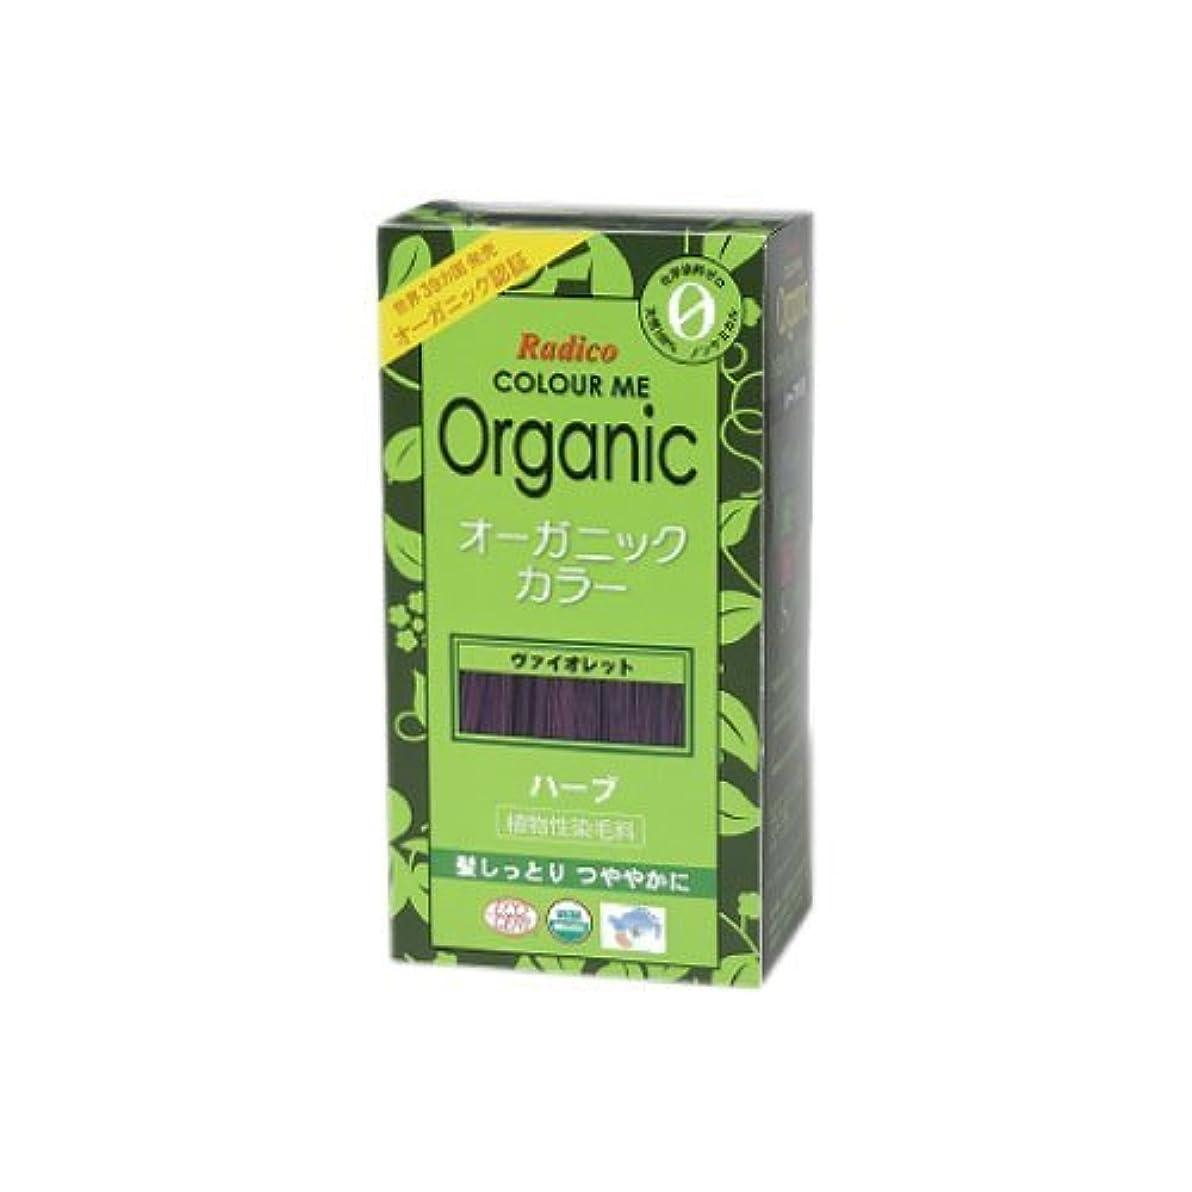 バリー魅惑的なワーディアンケースCOLOURME Organic (カラーミーオーガニック ヘナ 白髪用 紫色) ヴァイオレット 100g